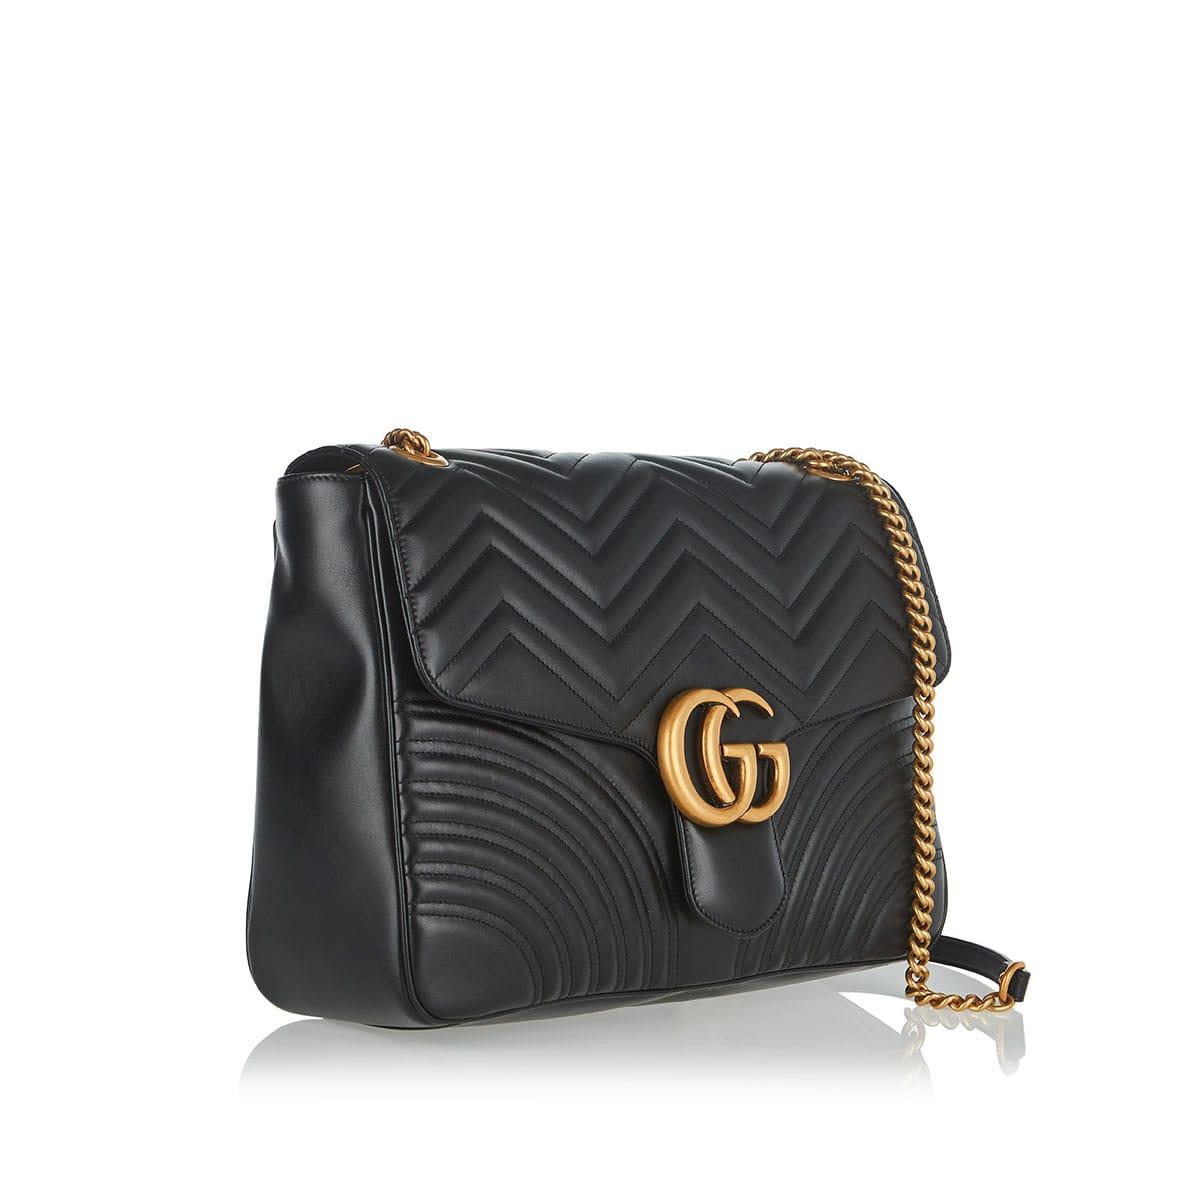 GG Marmont Large shoulder bag